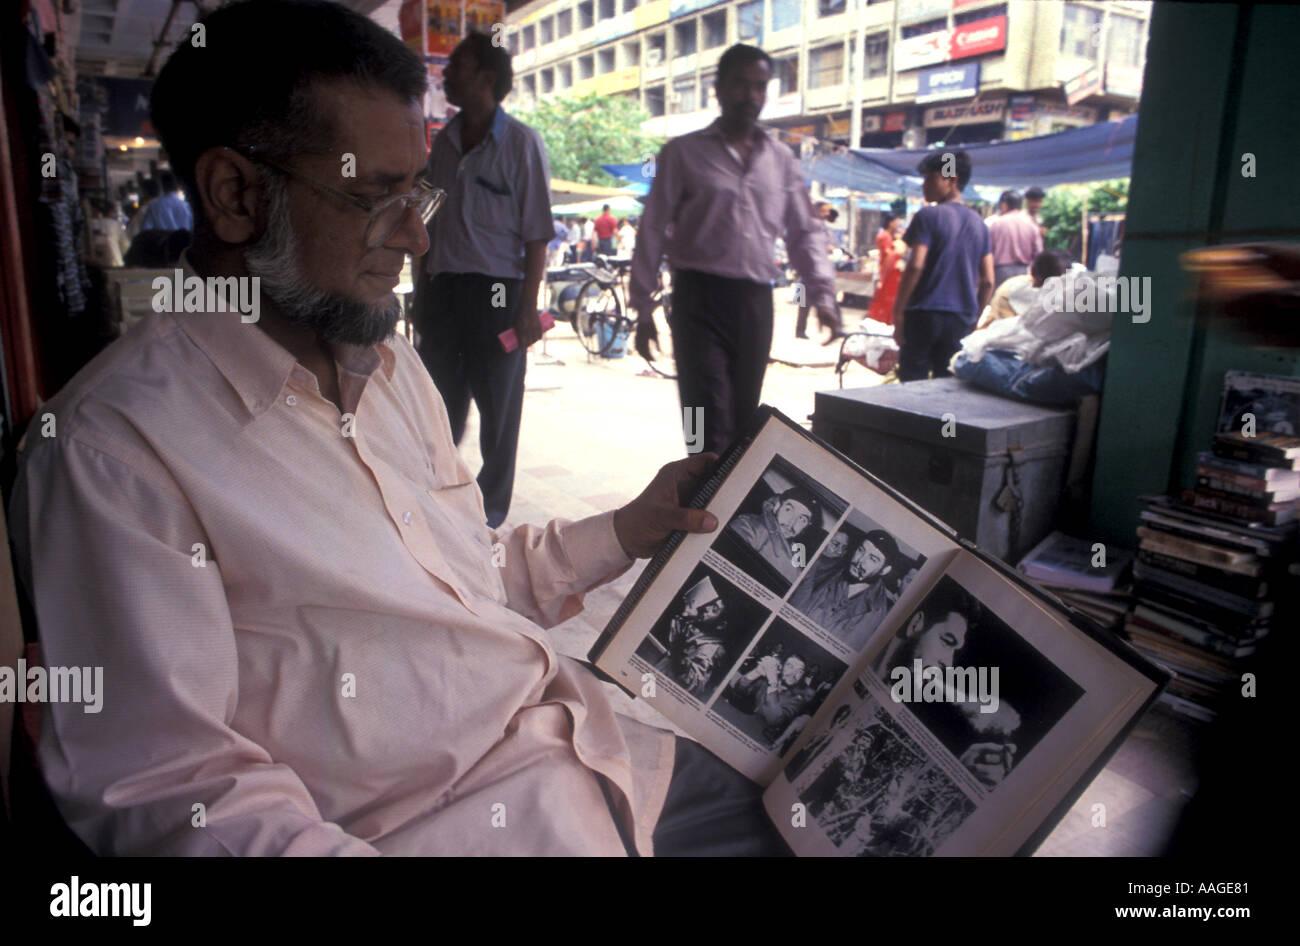 Karim book seller Delhi India - Stock Image